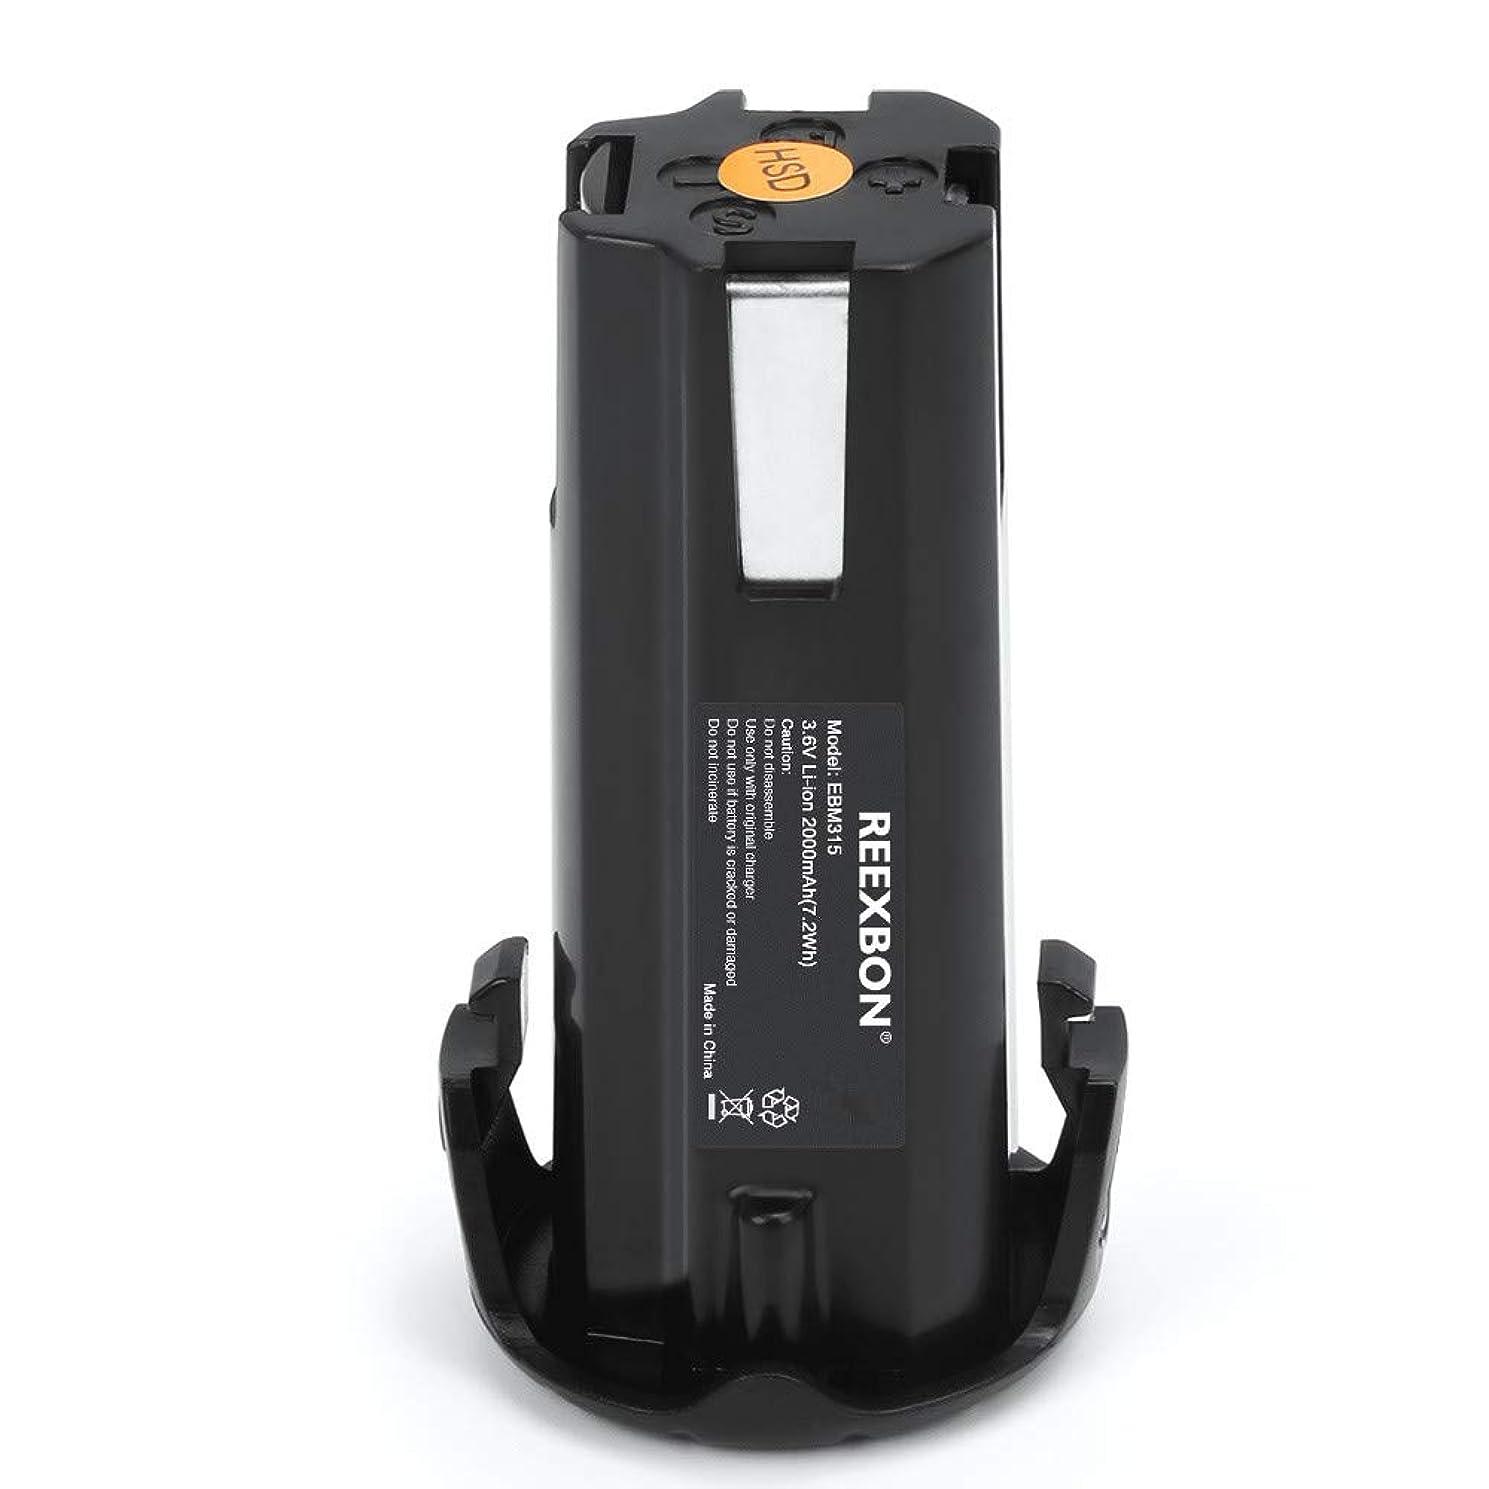 ラメブラウス宝REEXBON Hitachi 日立 3.6V バッテリー EBM315 互換バッテリー 増量 2.0Ah DB3DL用 リチウムイオン電池 日立工機 電動工具用